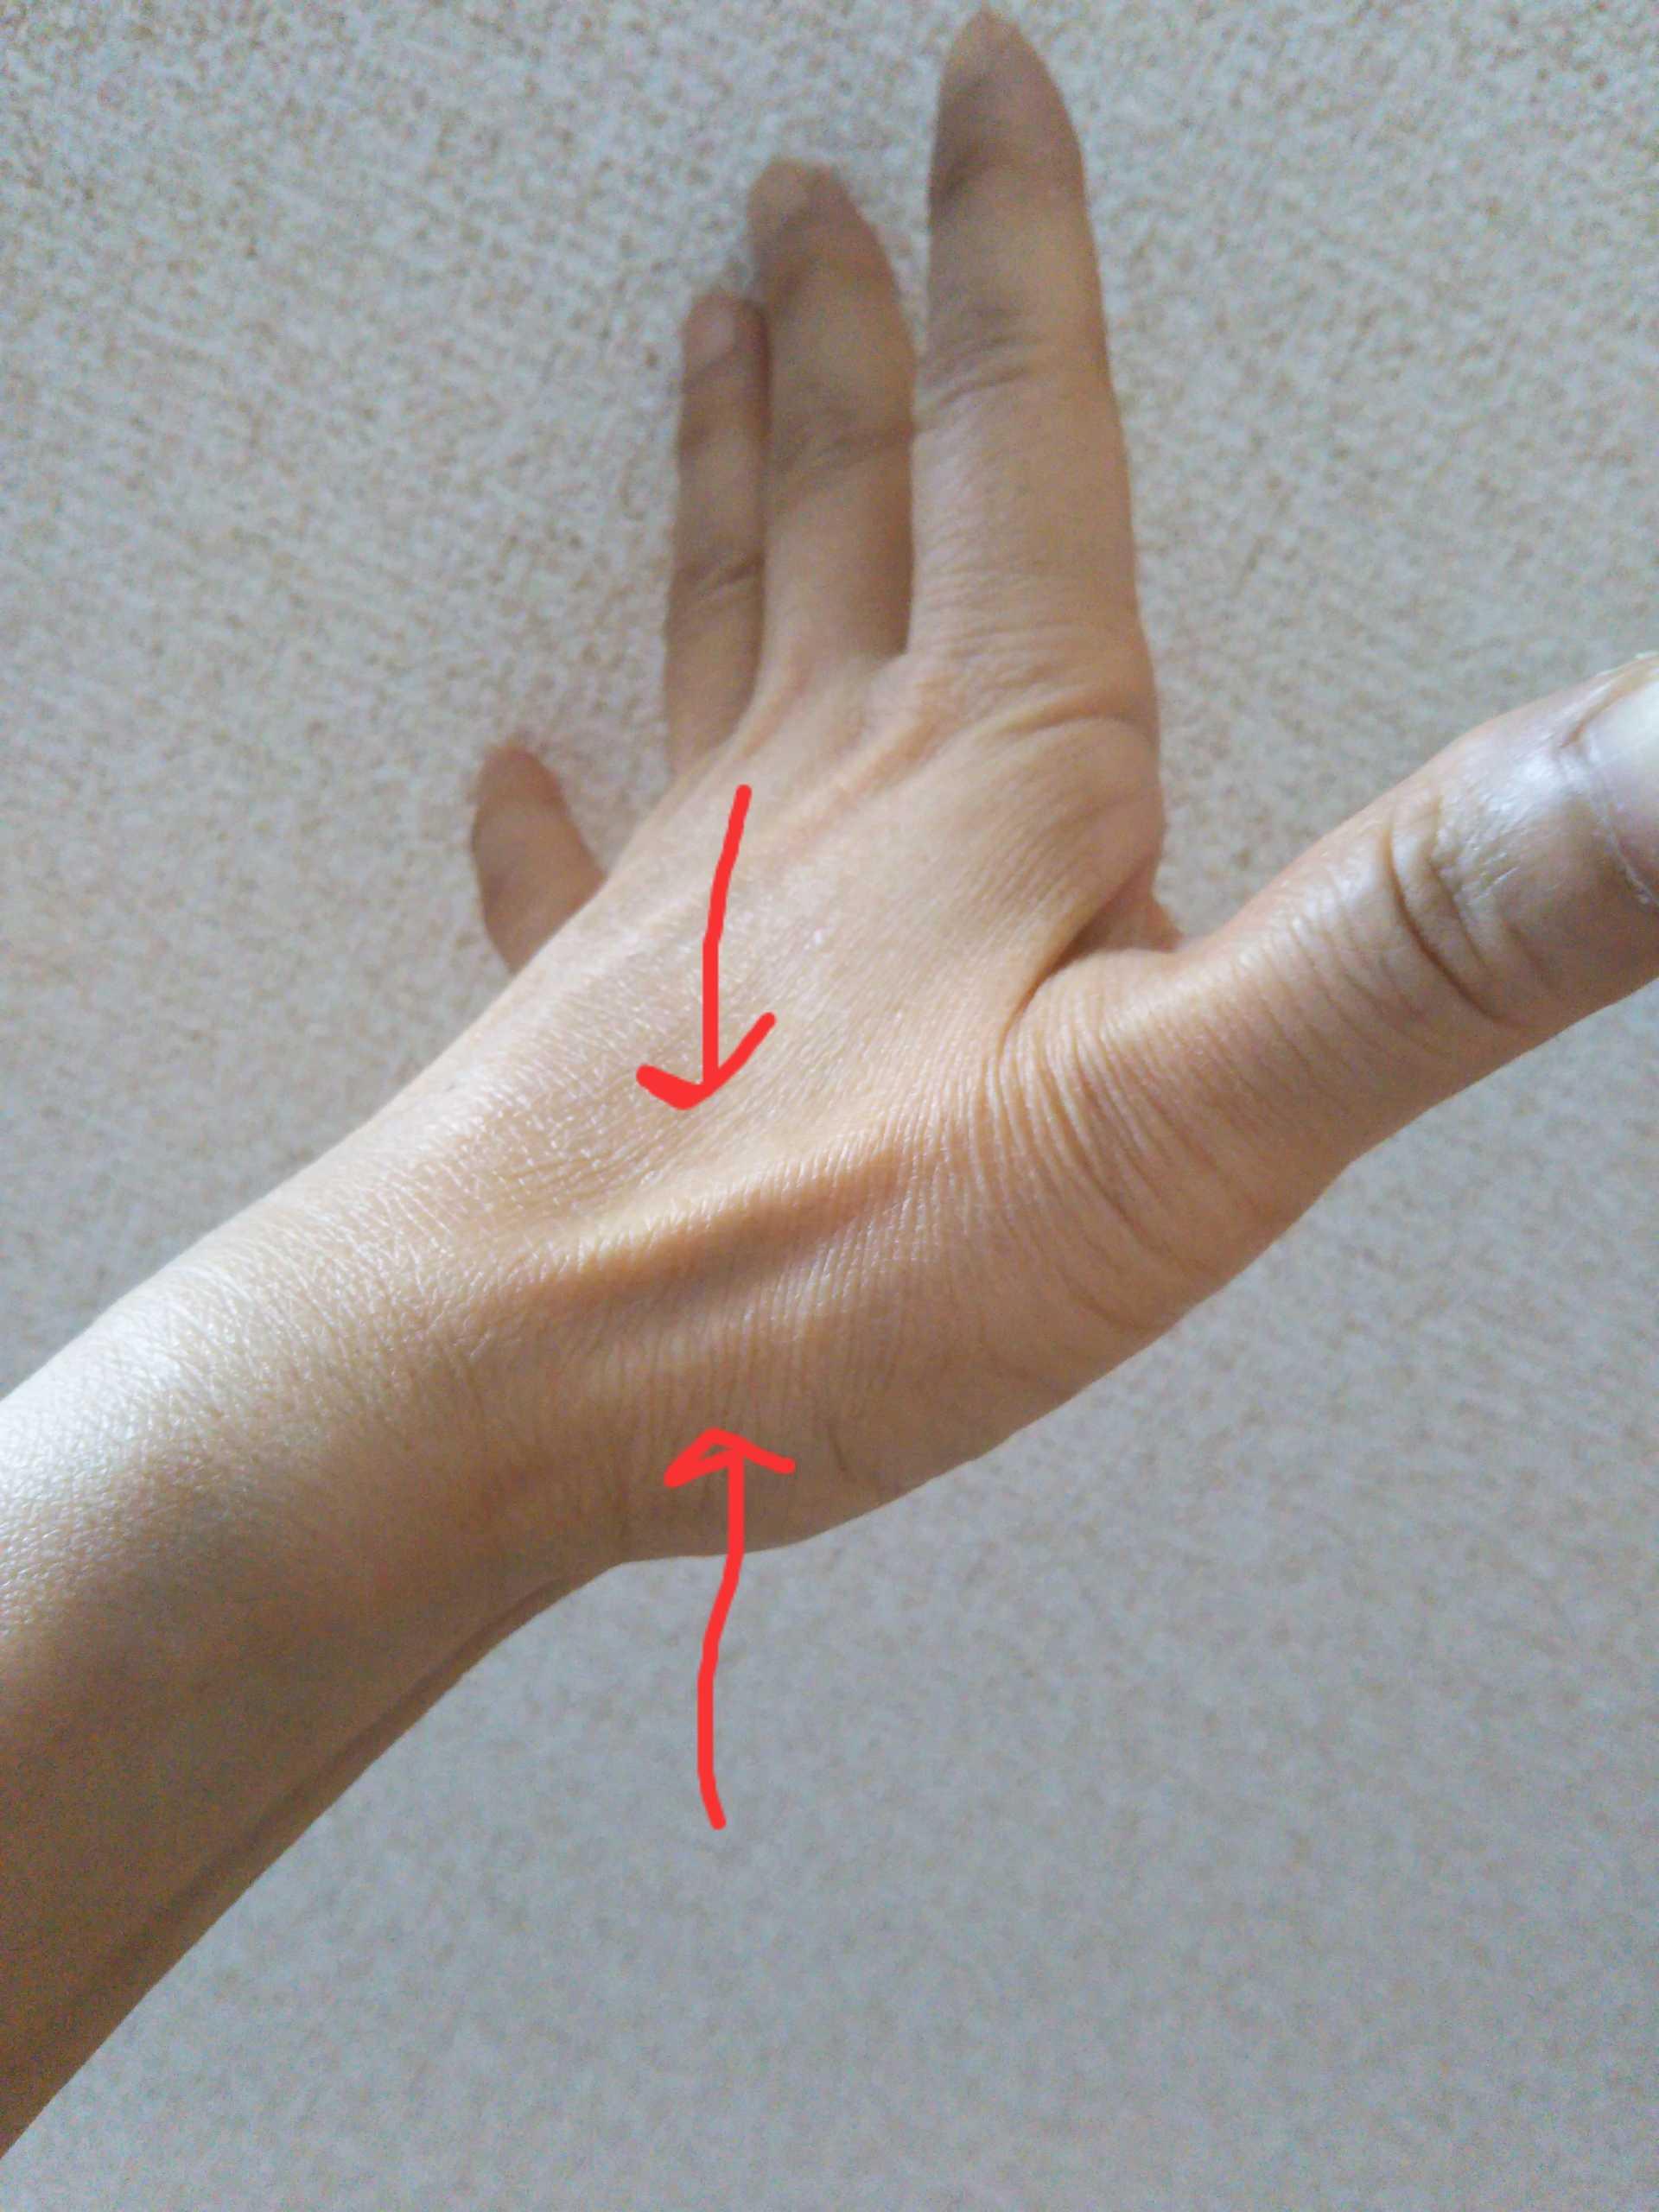 治る 自然 に バネ 指 は